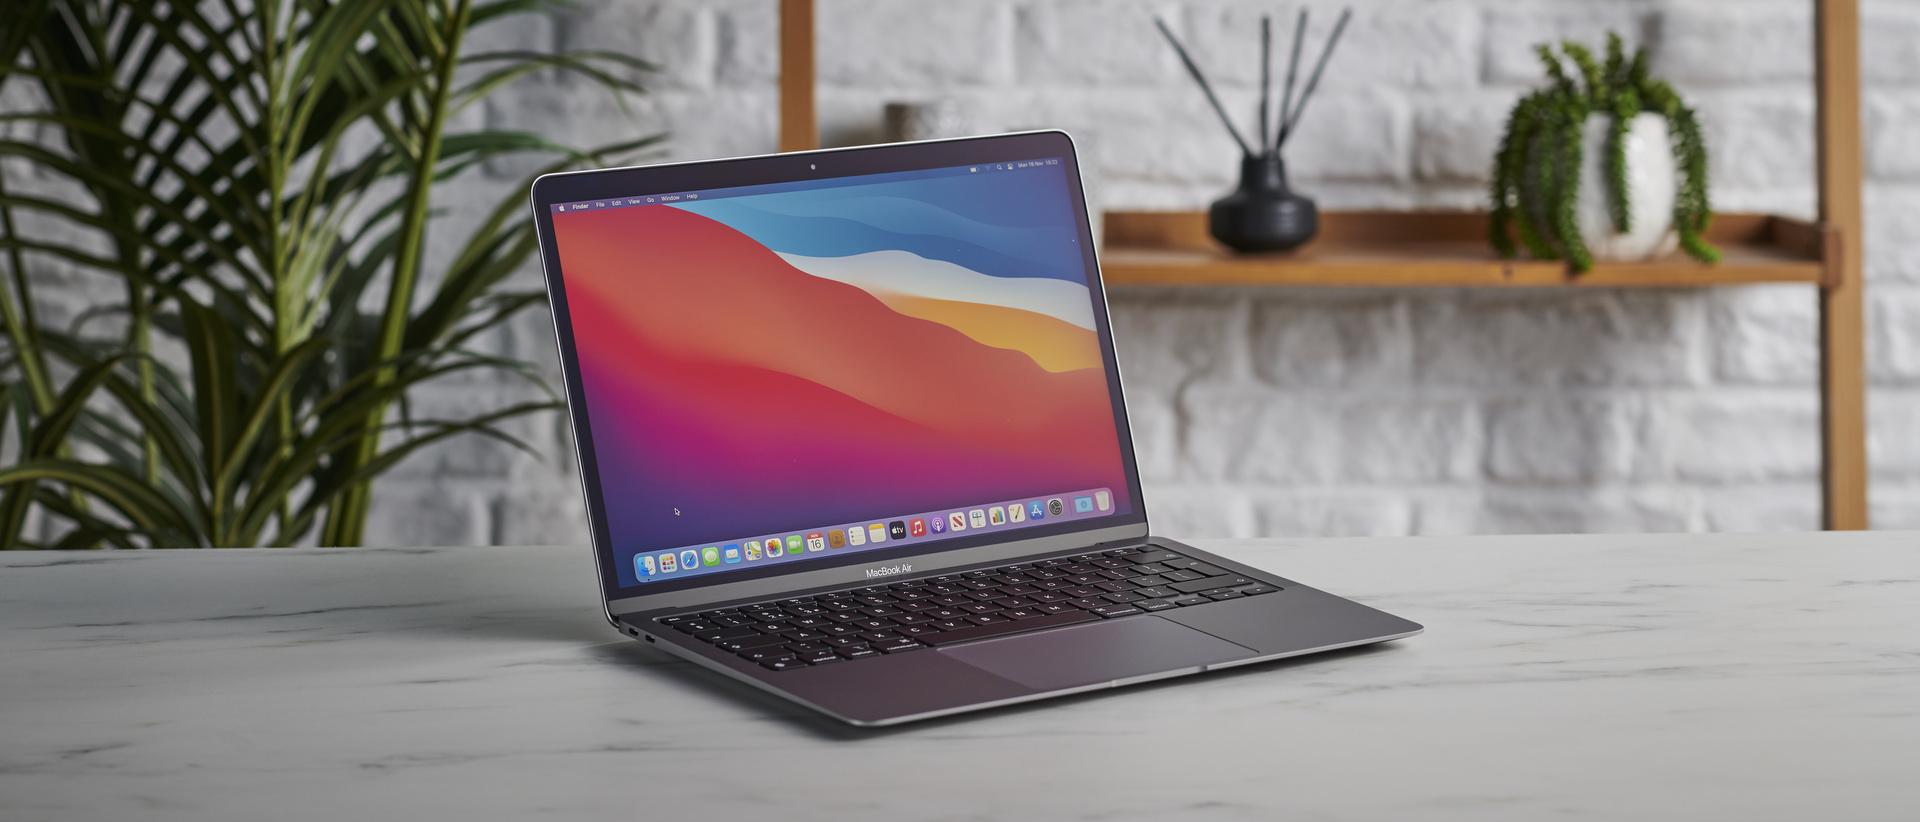 Apple Macbook Air M1 2020 Review Techradar